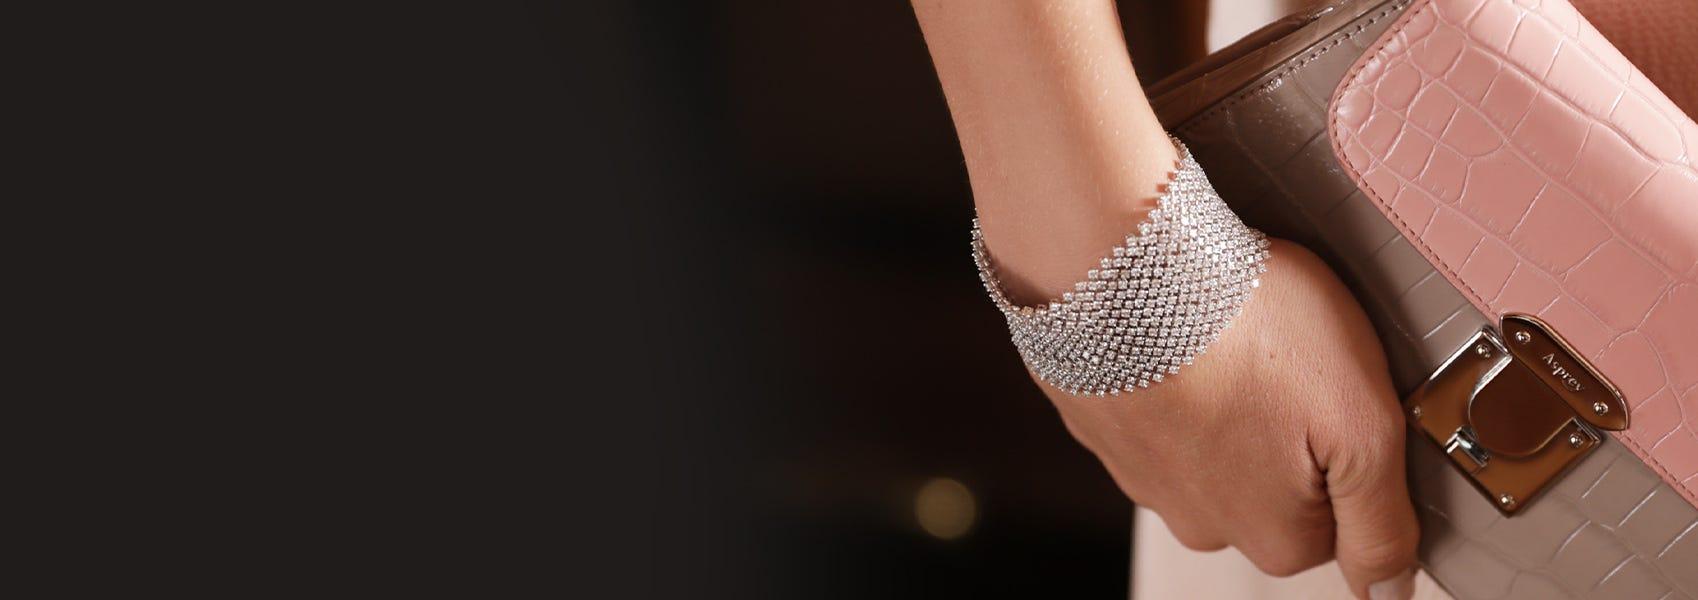 Woman wearing Asprey bracelet